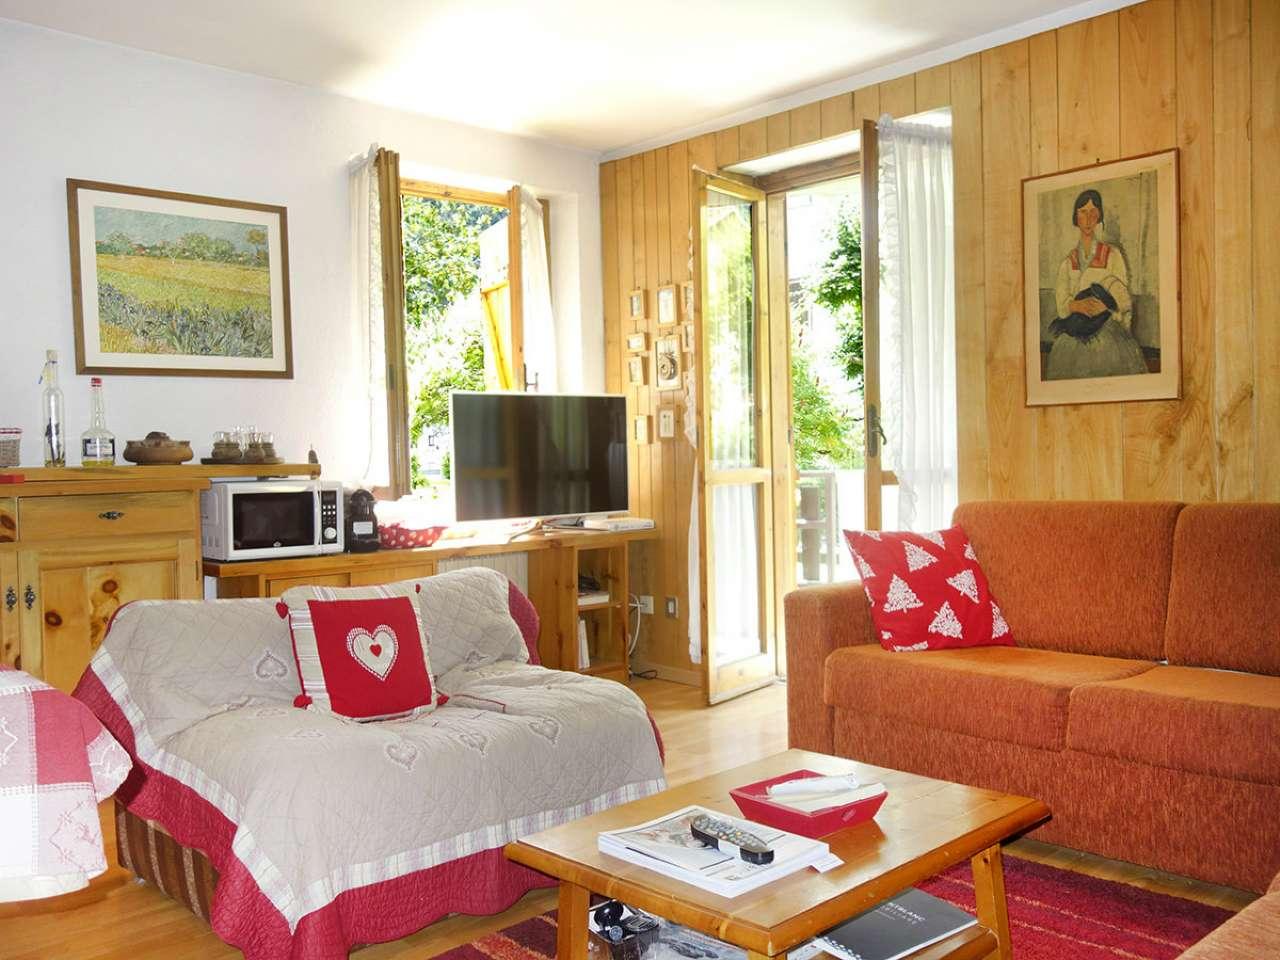 Appartamento in vendita a Morgex, 2 locali, prezzo € 185.000 | CambioCasa.it